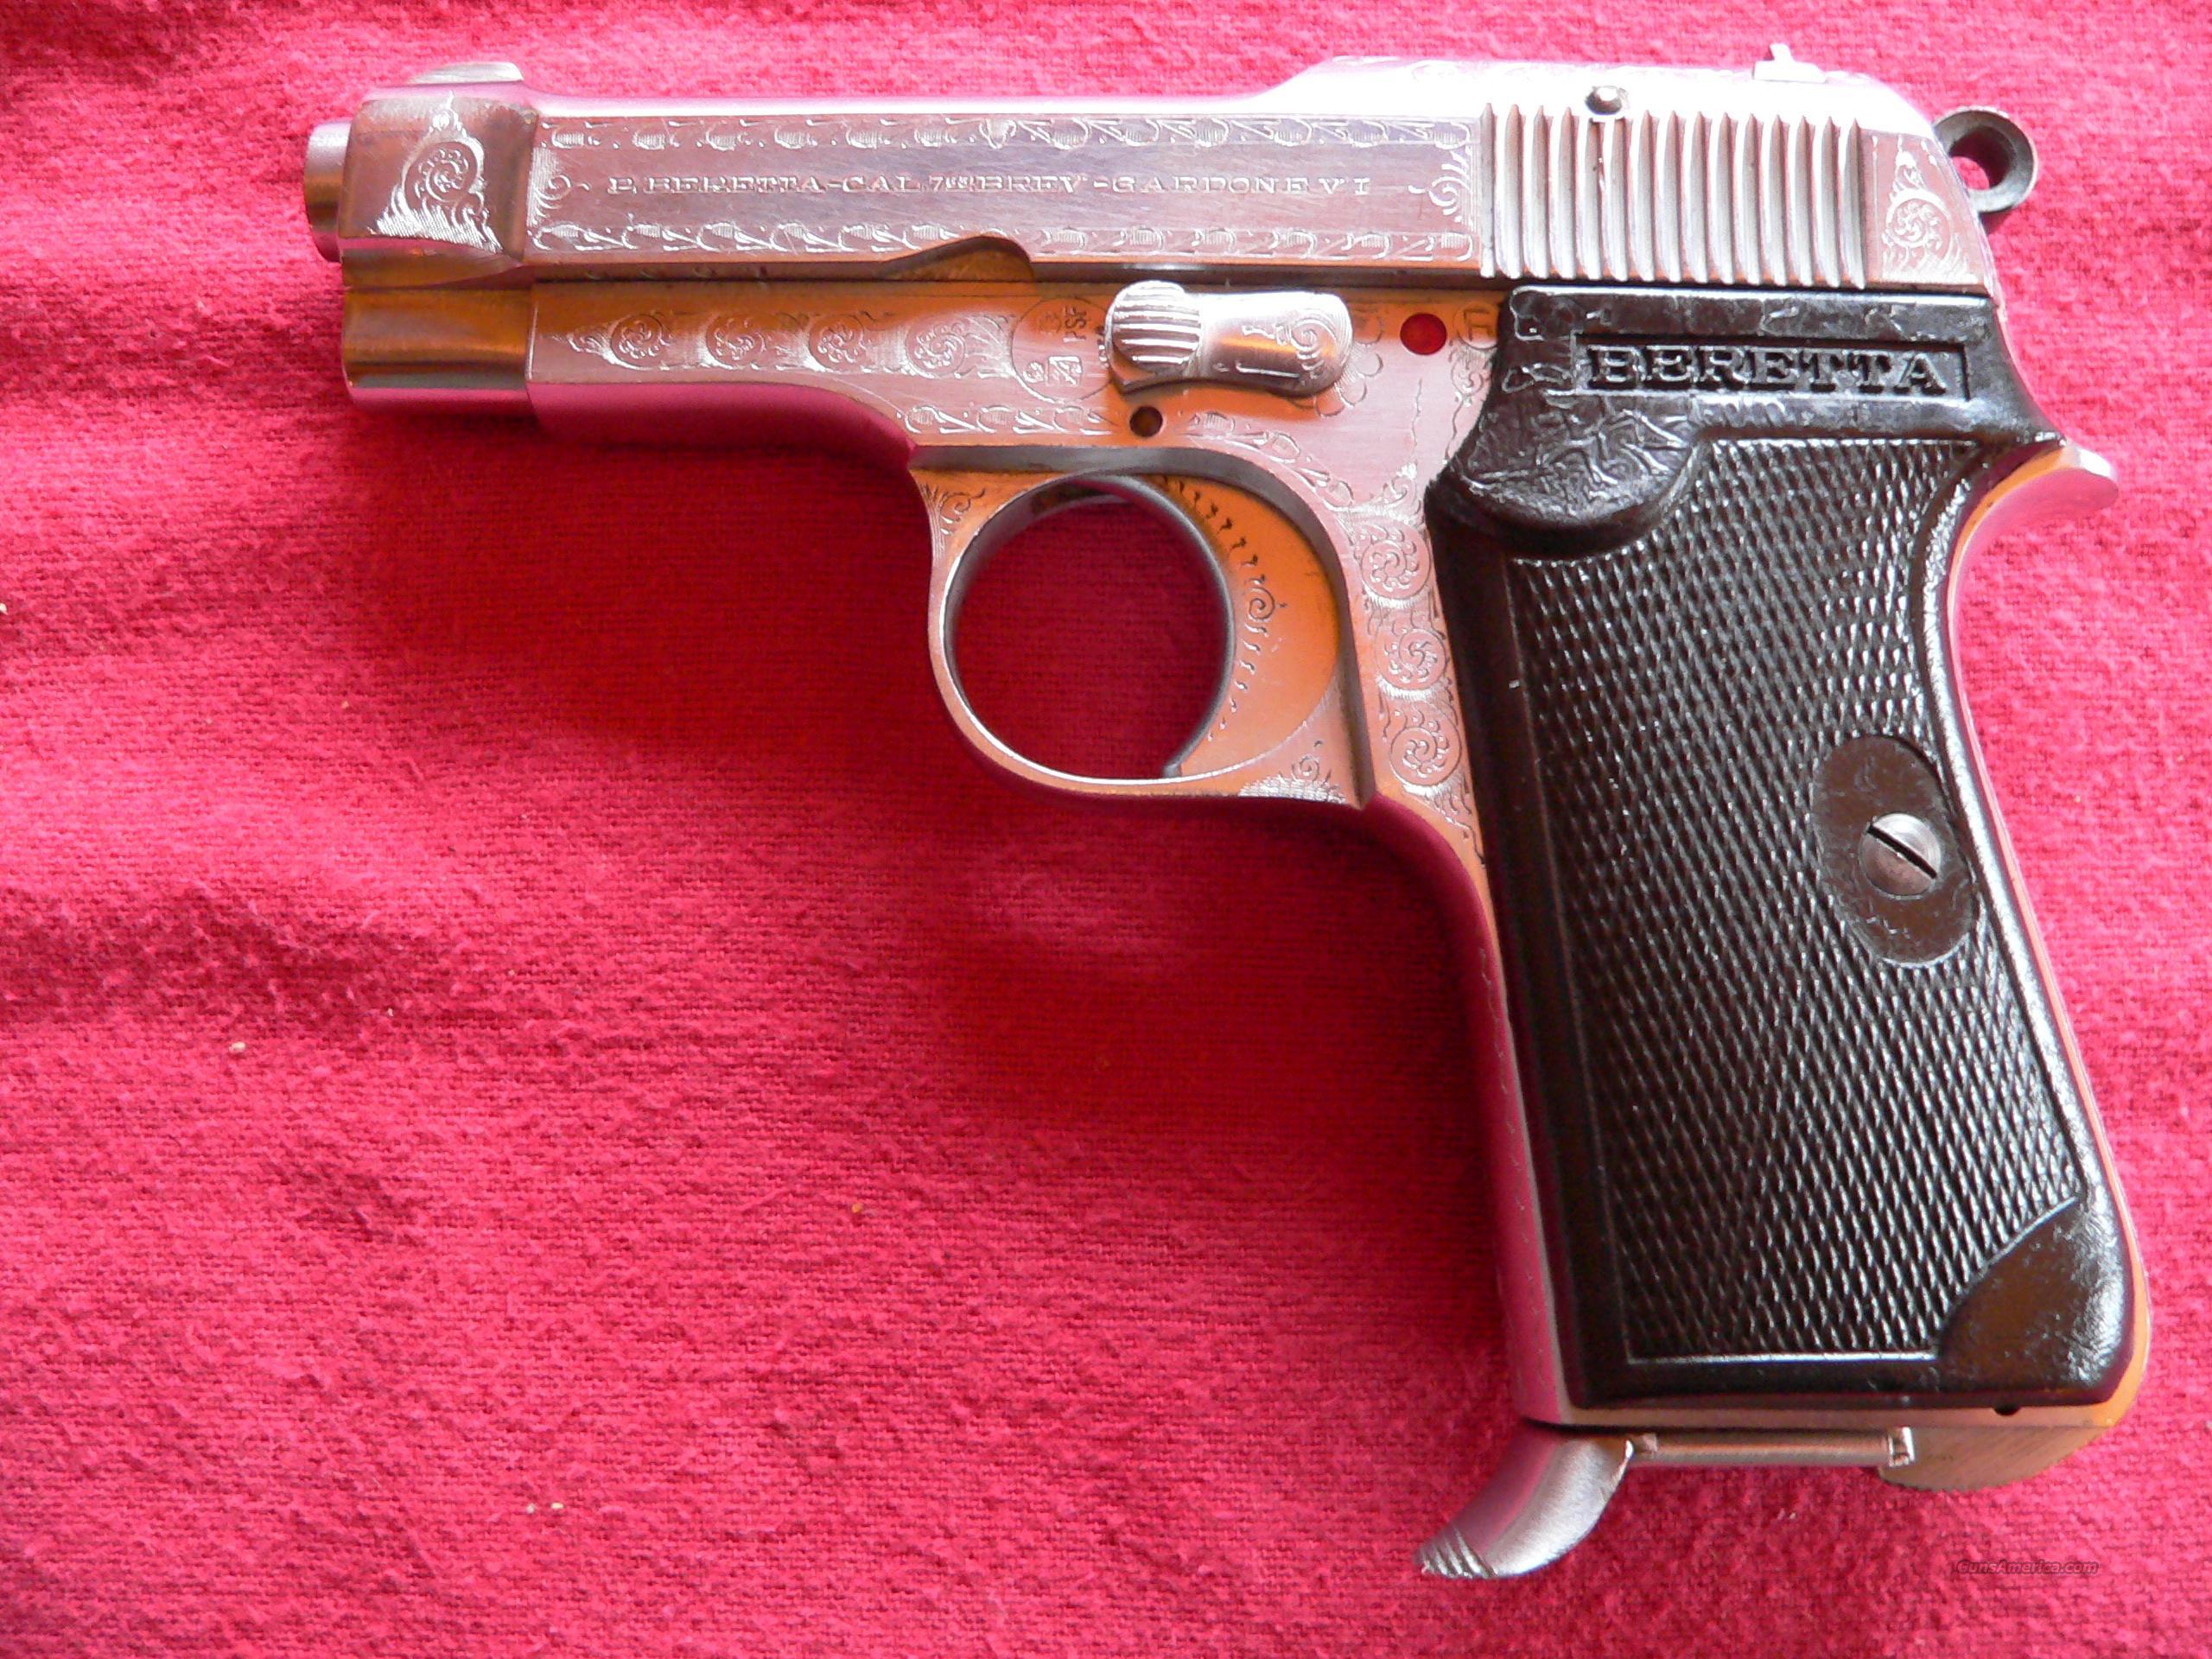 Engraved Beretta Model 1934 cal  7 65 ACP Semi-automatic Pistol